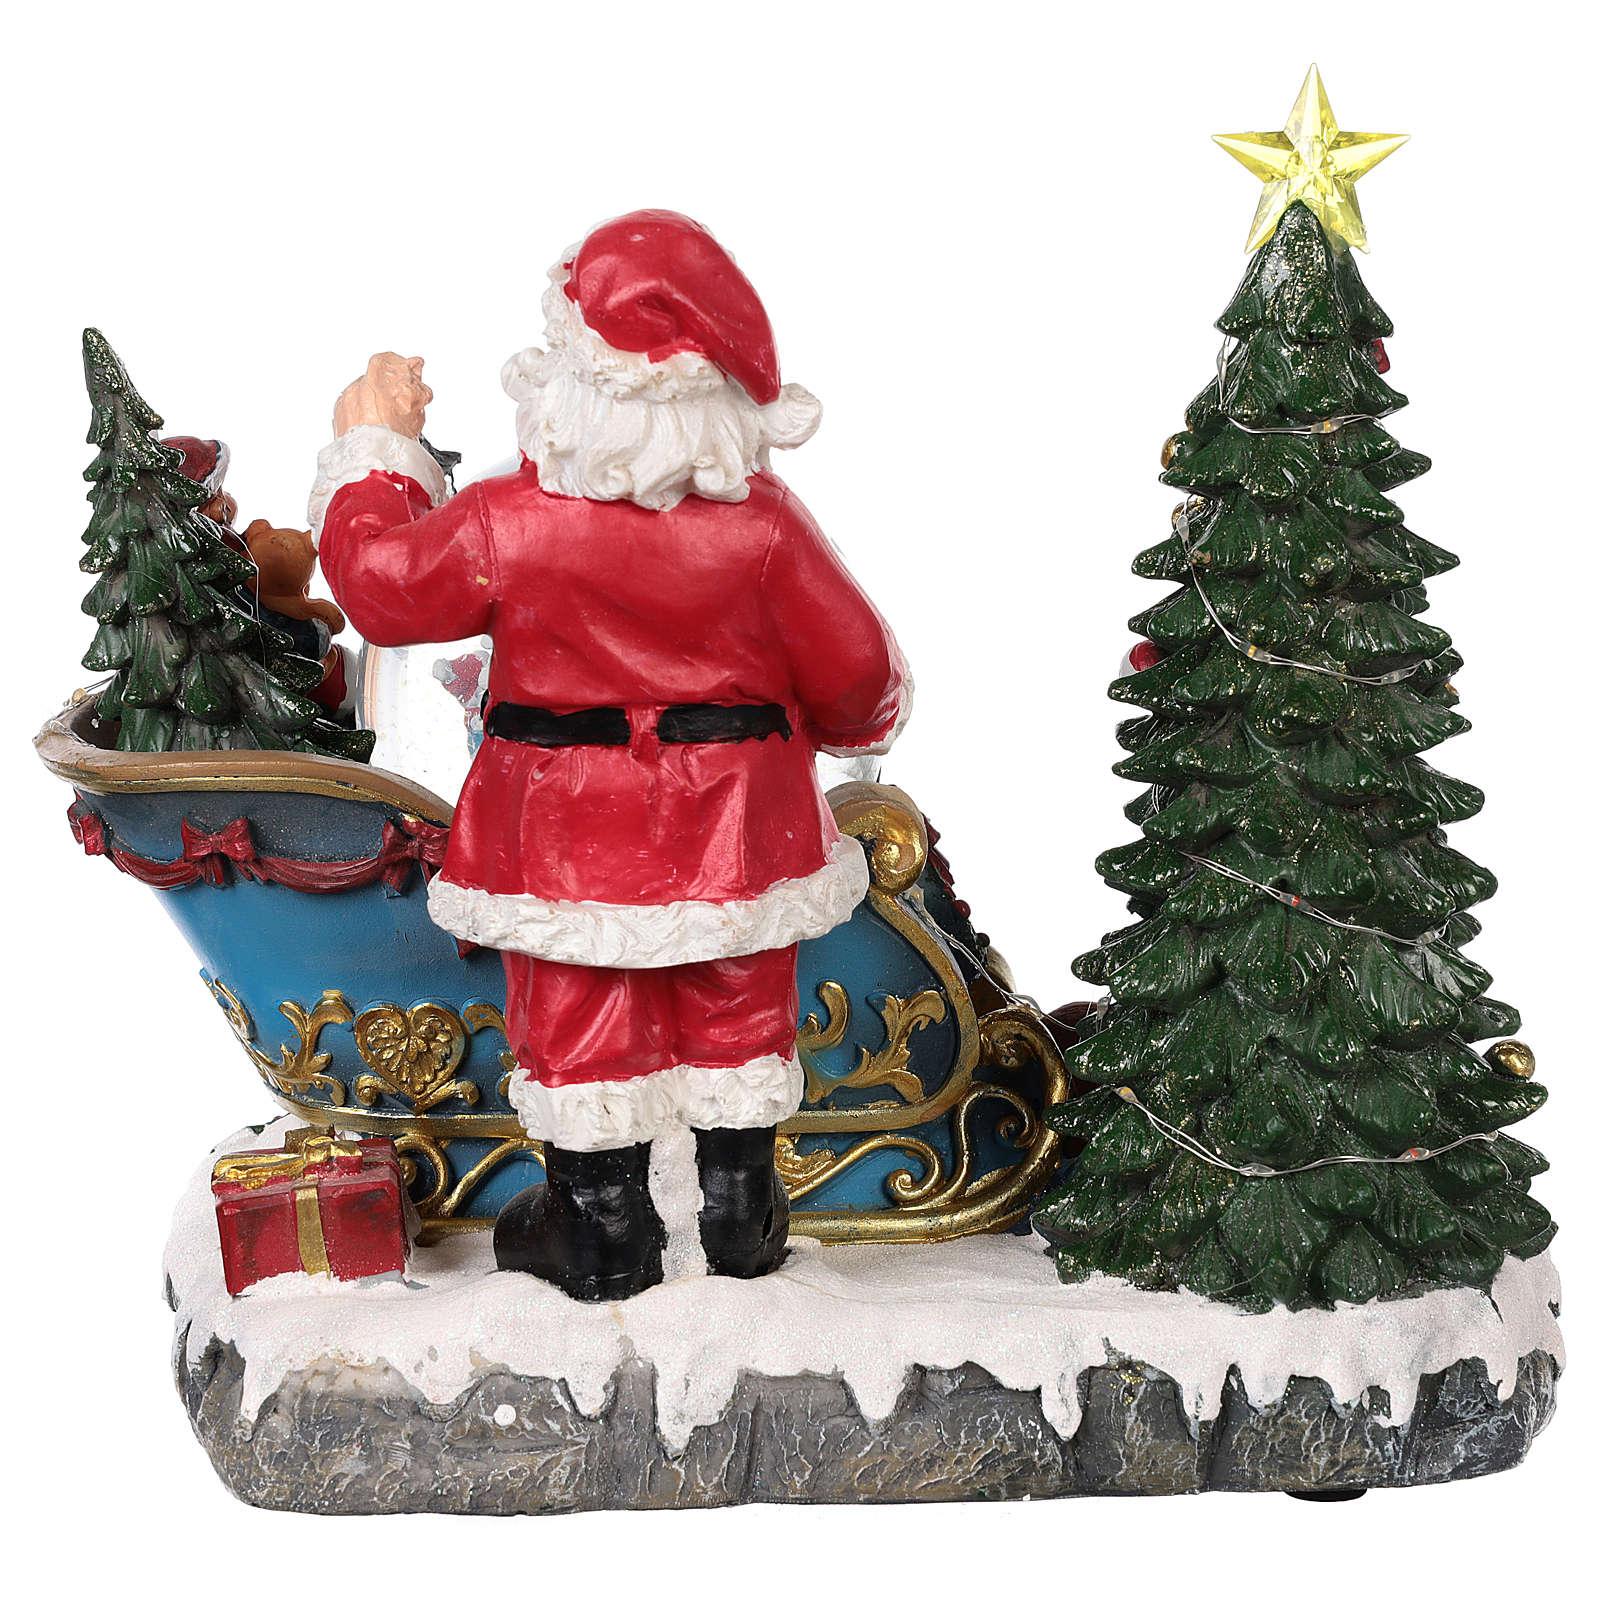 Traîneau Père Noël boule à neige mouvement lumières musique 25x30x20 cm 3